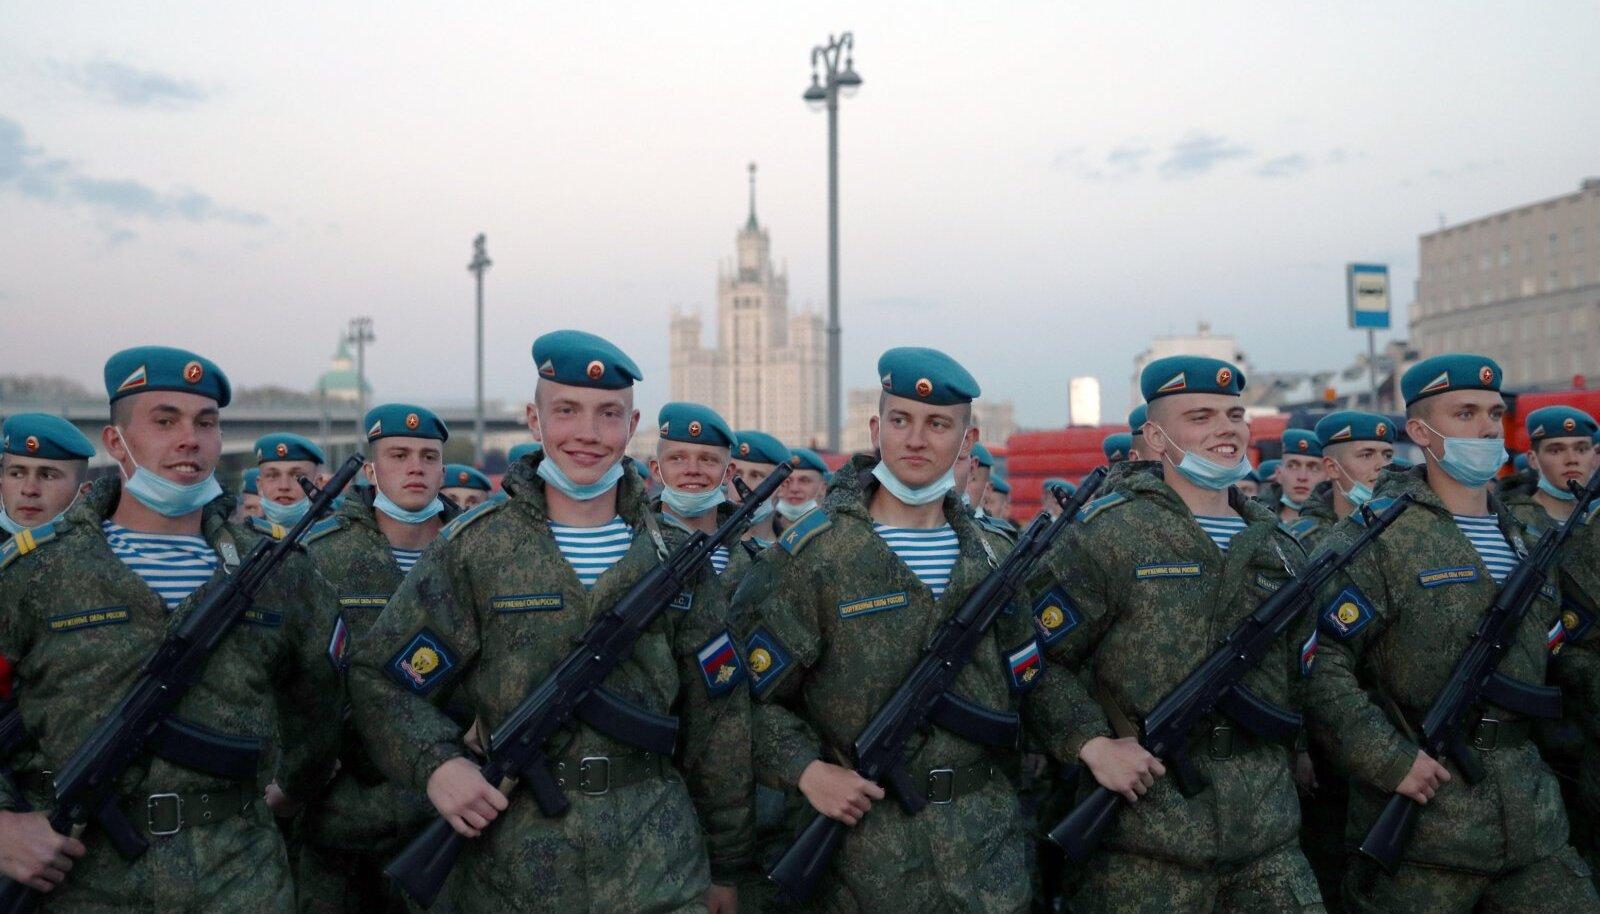 Moskva Punasel väljakul tehti juba aprilli lõpus võidupüha paraadi proove. Enamik venemaalasi soovib uskuda, et Venemaa on suurvõim, kes on nüüd põlvilt tõusnud ja end sirgu ajanud.